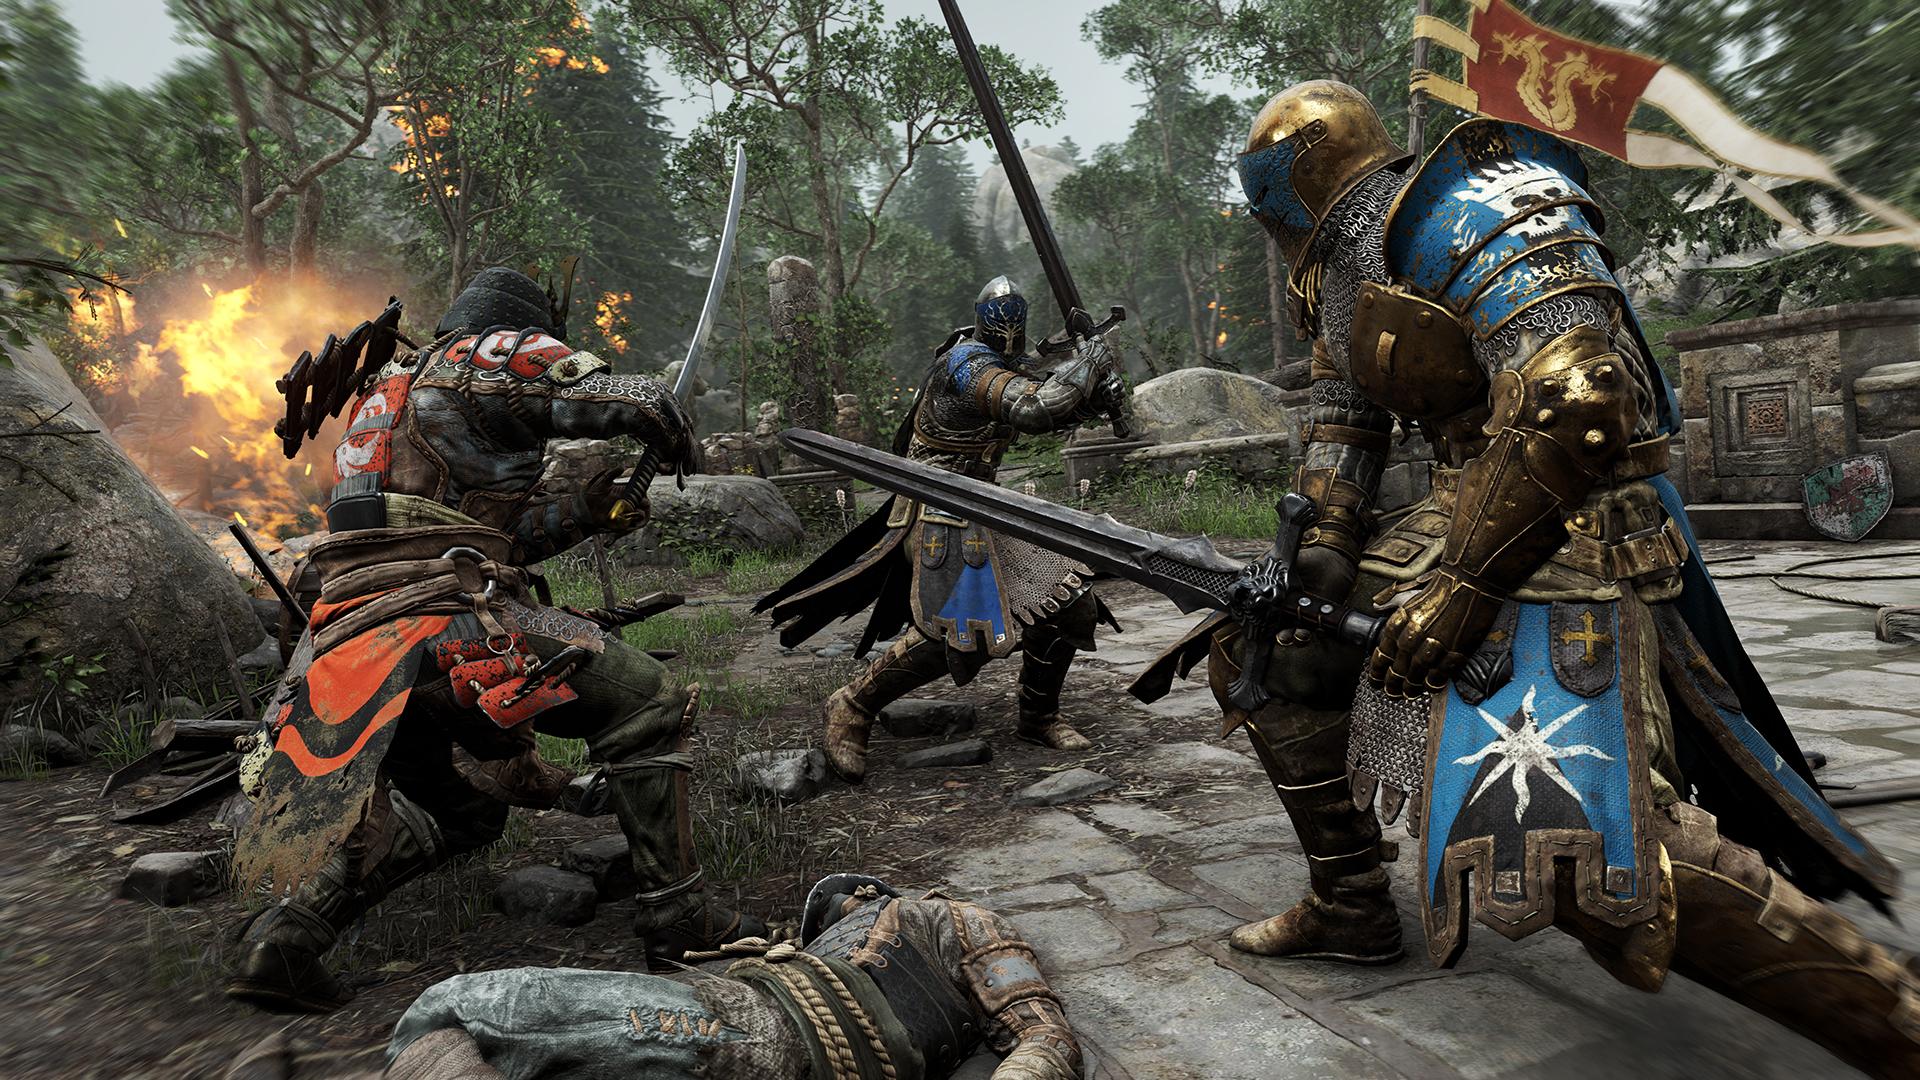 For Honor har blir kritisert for en rekke forhold, men Ubisoft nekter for at det er få som spiller det.